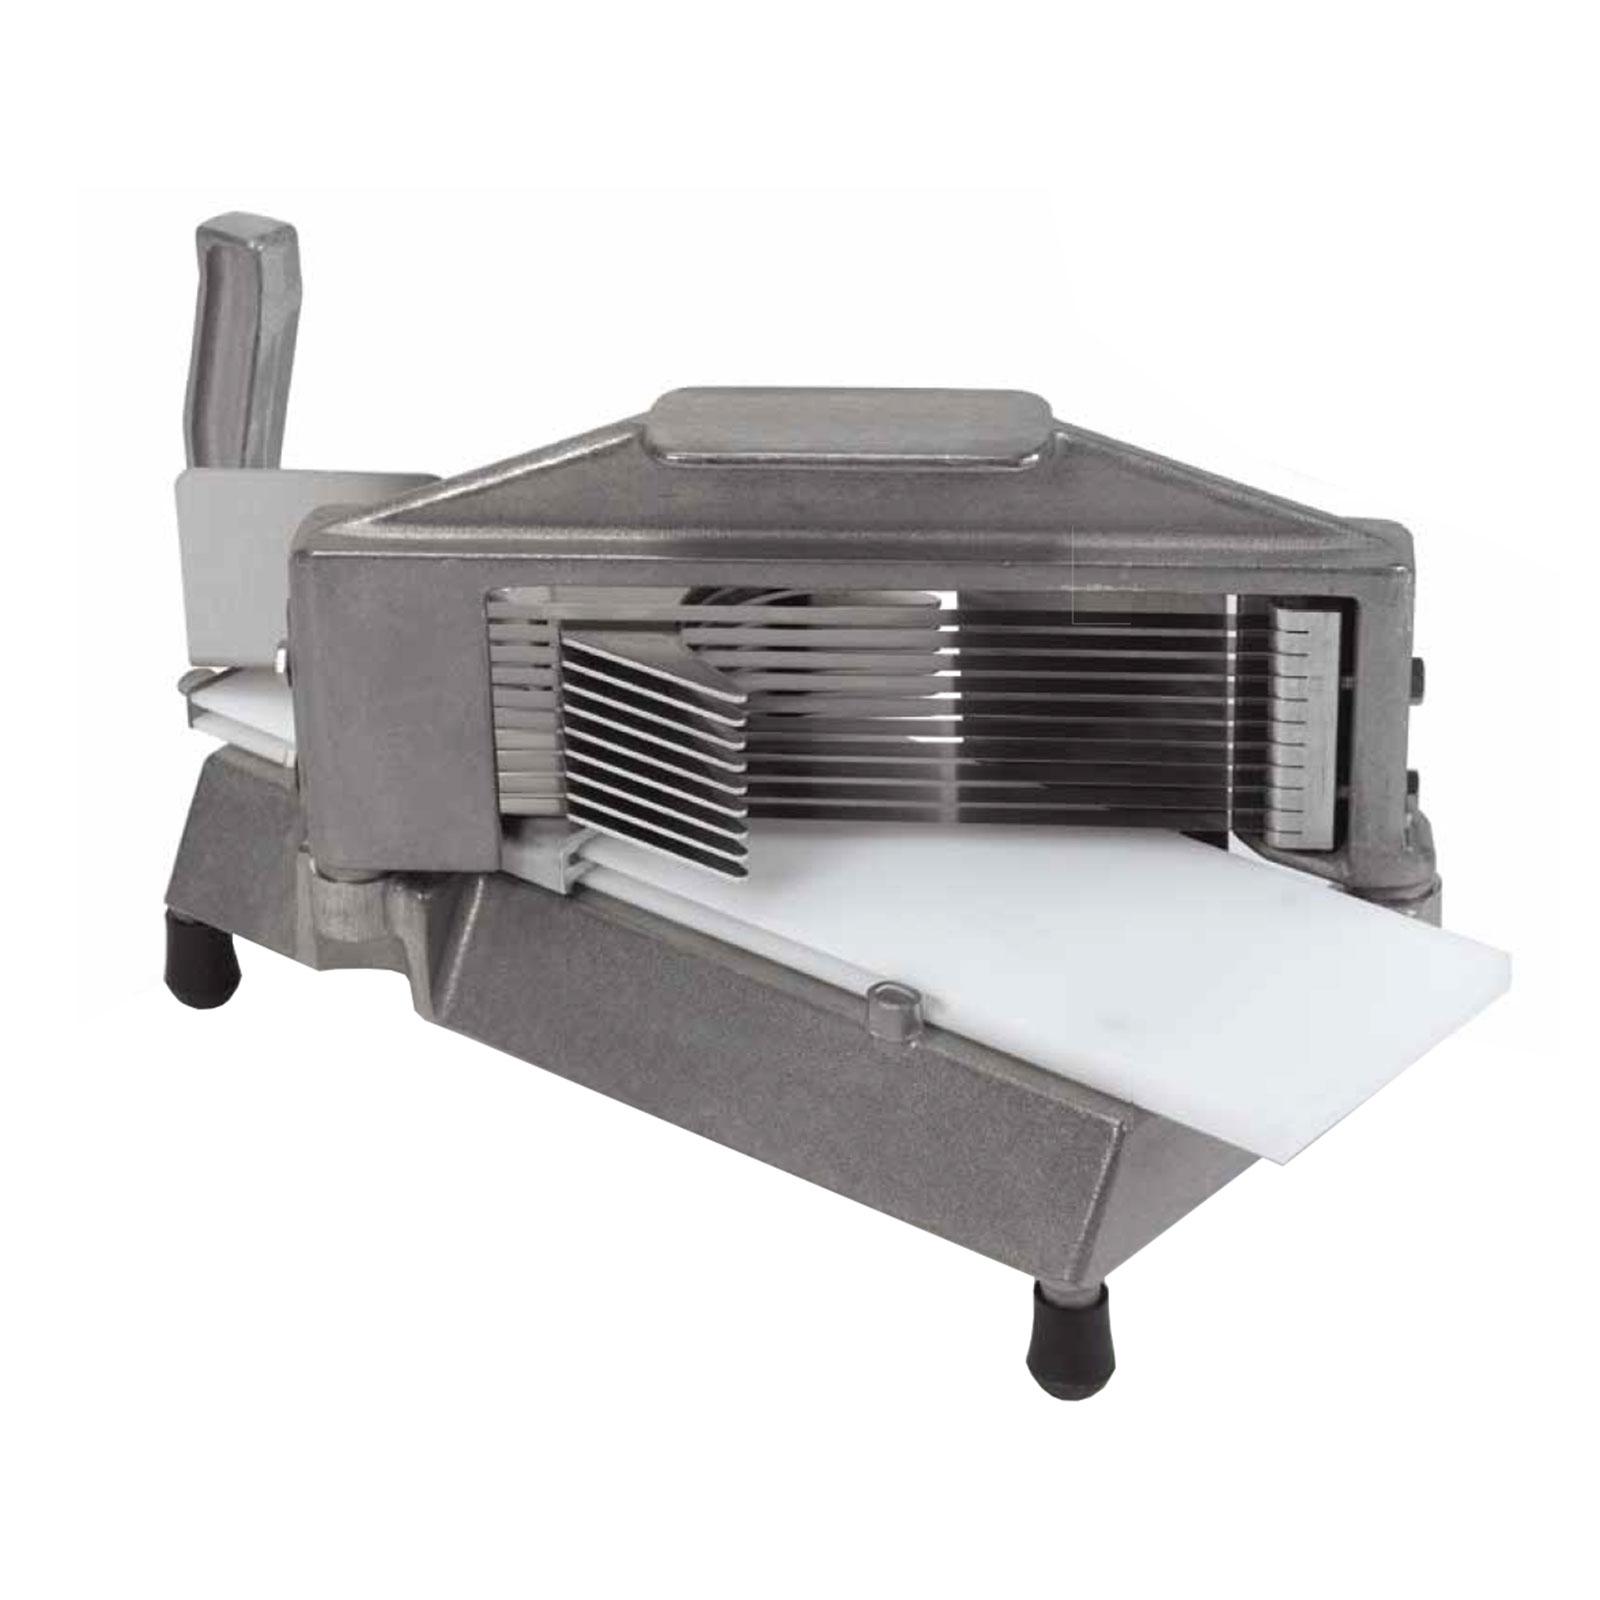 5000-61 Nemco Food Equipment 55600-2 slicer, tomato